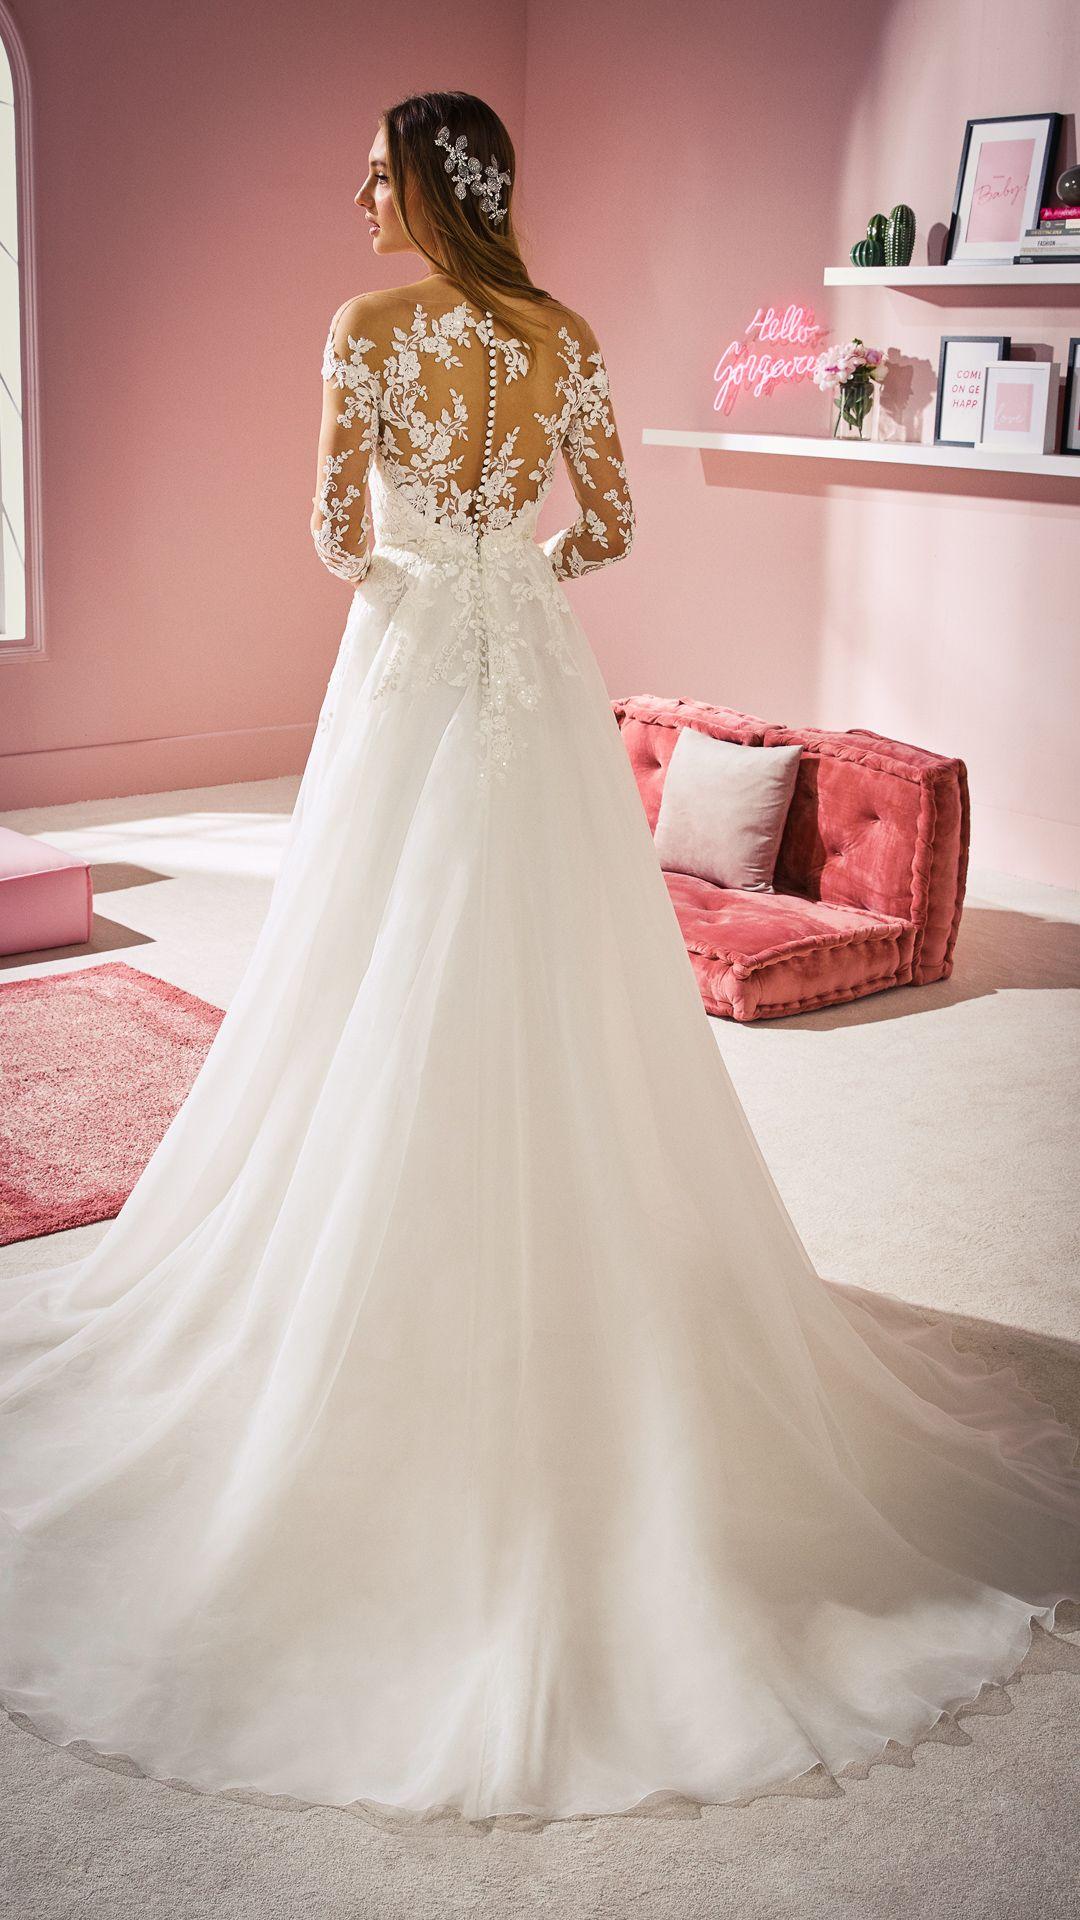 Hochzeitskleider 20 White One Kollektion Modell: CHLOE-C